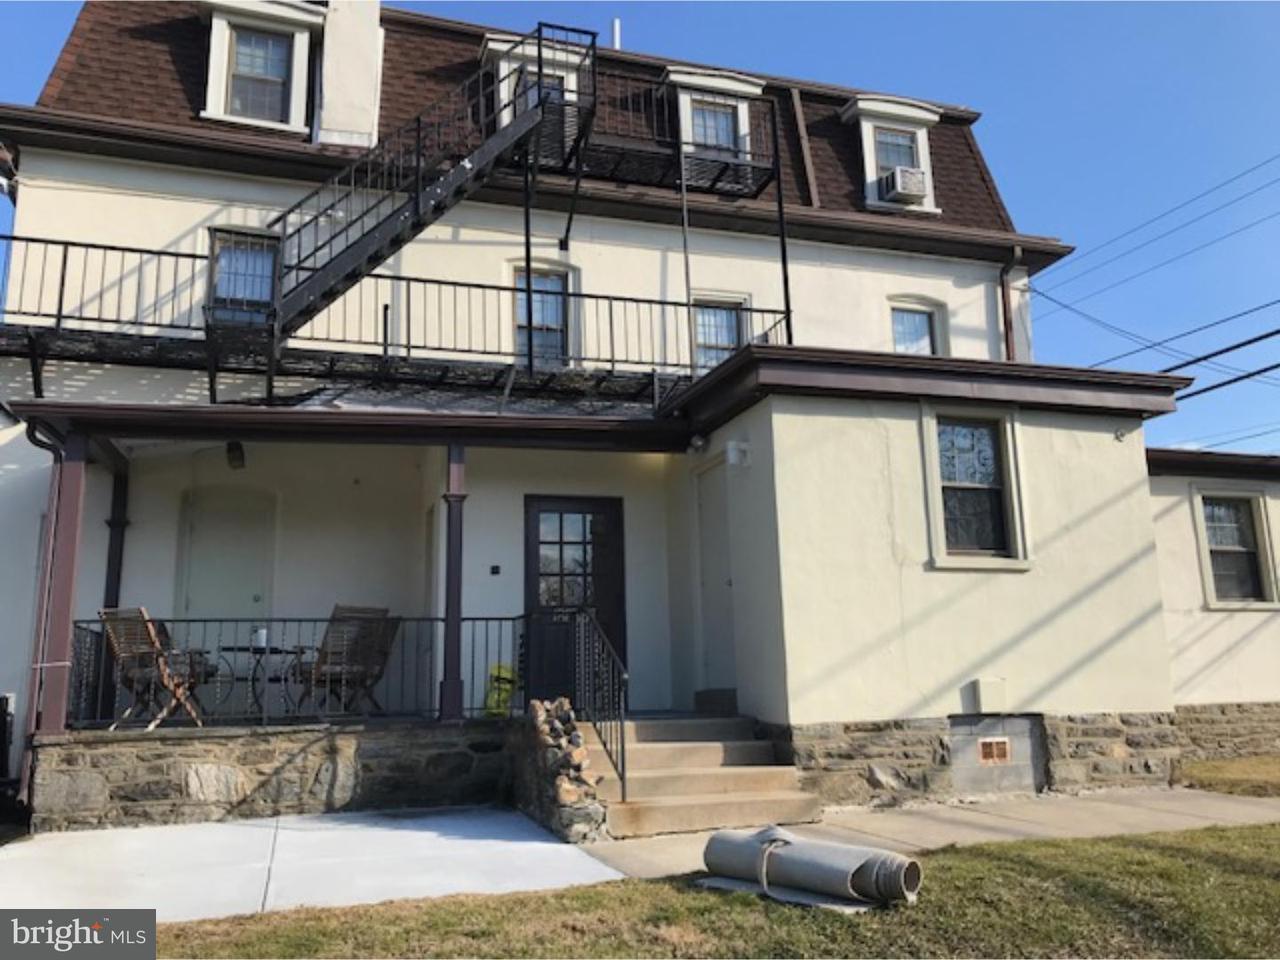 Maison unifamiliale pour l à louer à 1717 W CHESTER PIKE Havertown, Pennsylvanie 19083 États-Unis